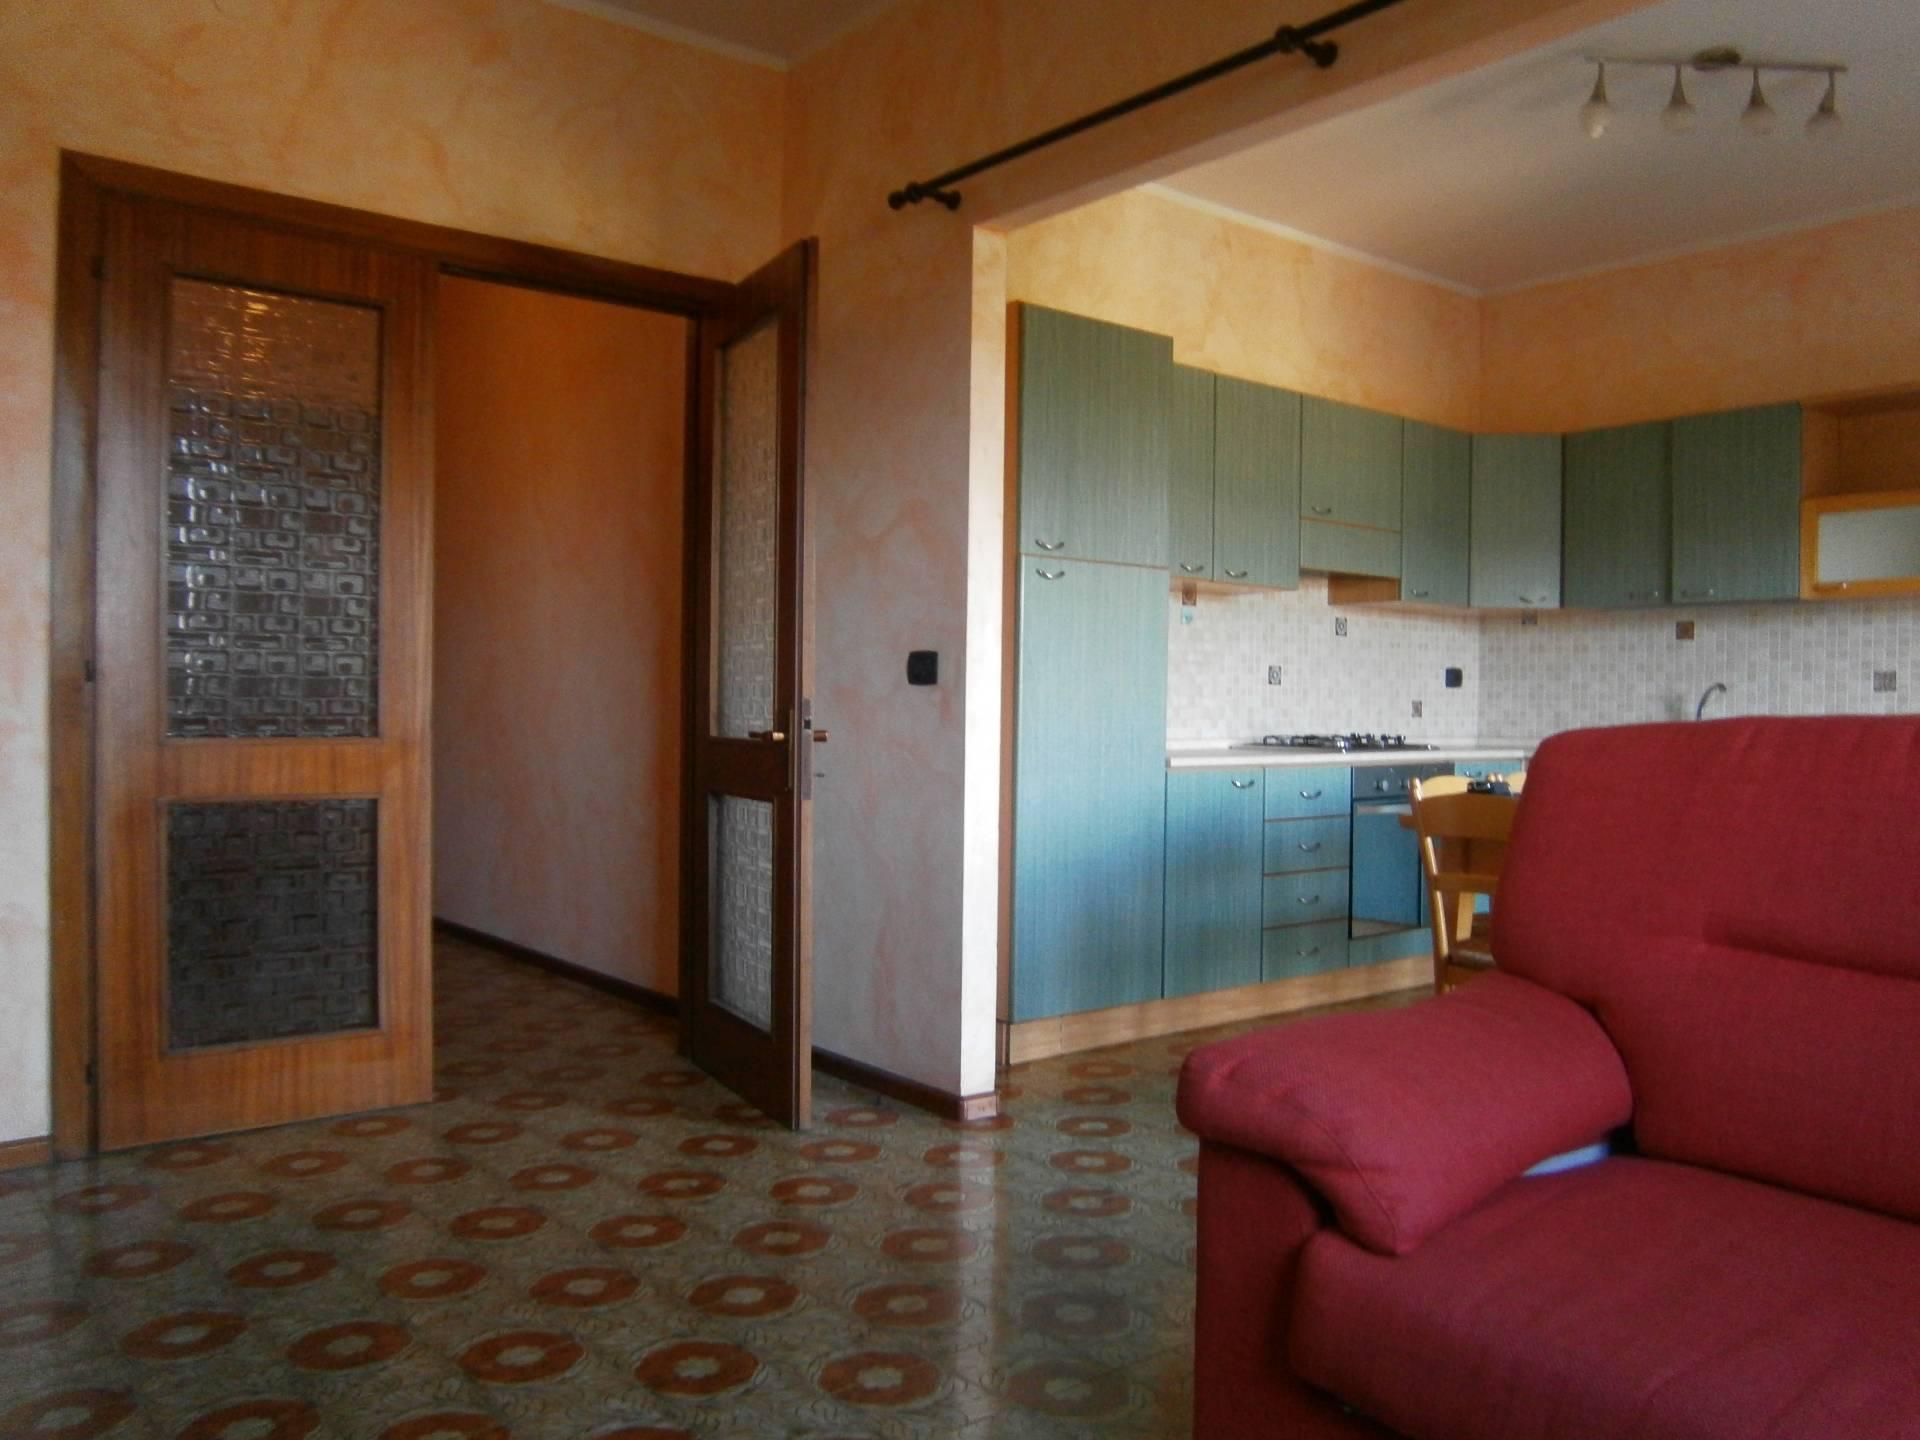 Appartamento in affitto a Cagliari, 4 locali, zona Zona: Genneruxi, prezzo € 700 | Cambio Casa.it